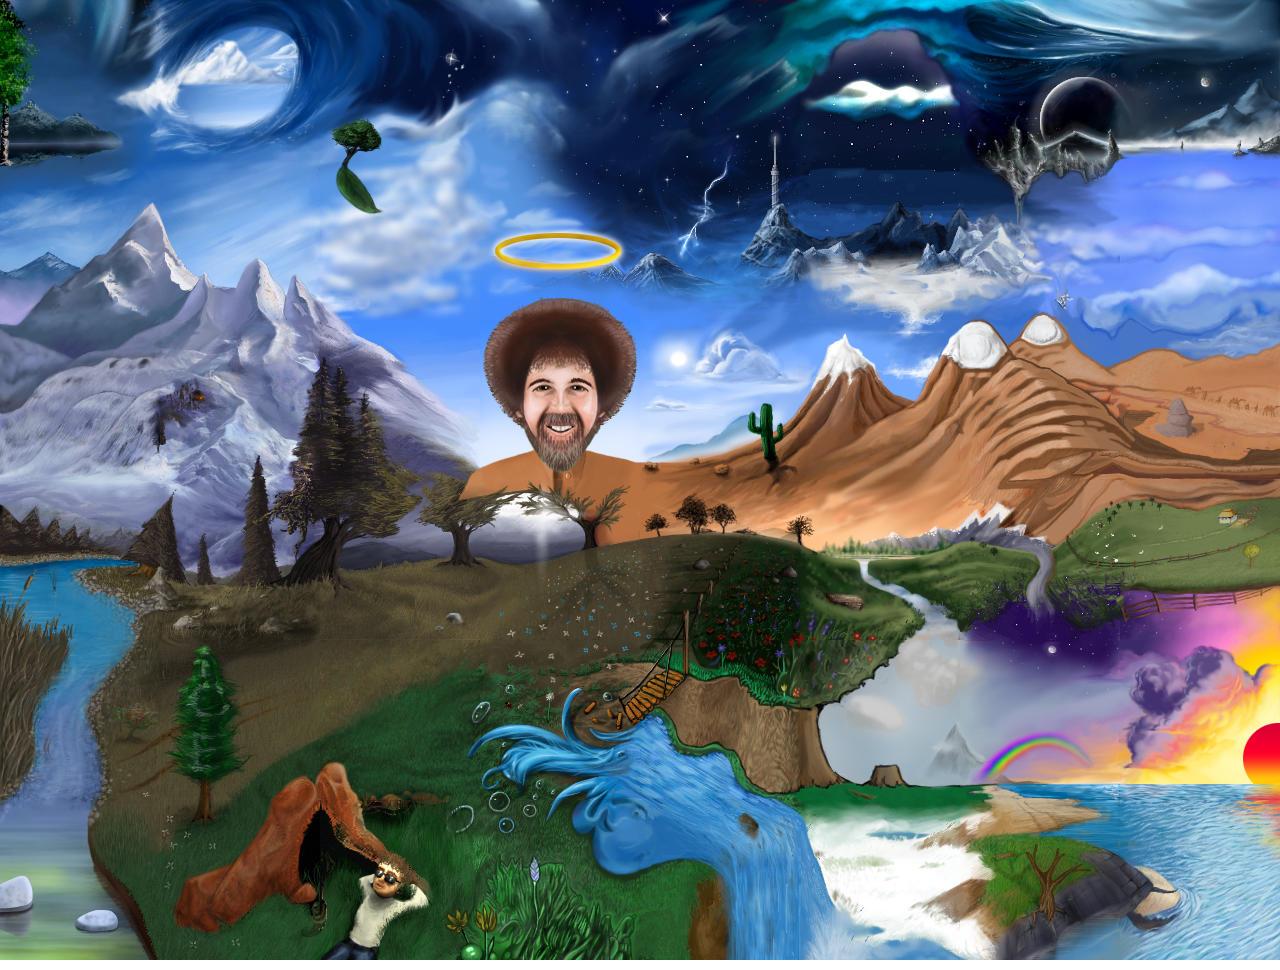 Bob Ross Wallpaper - WallpaperSafari